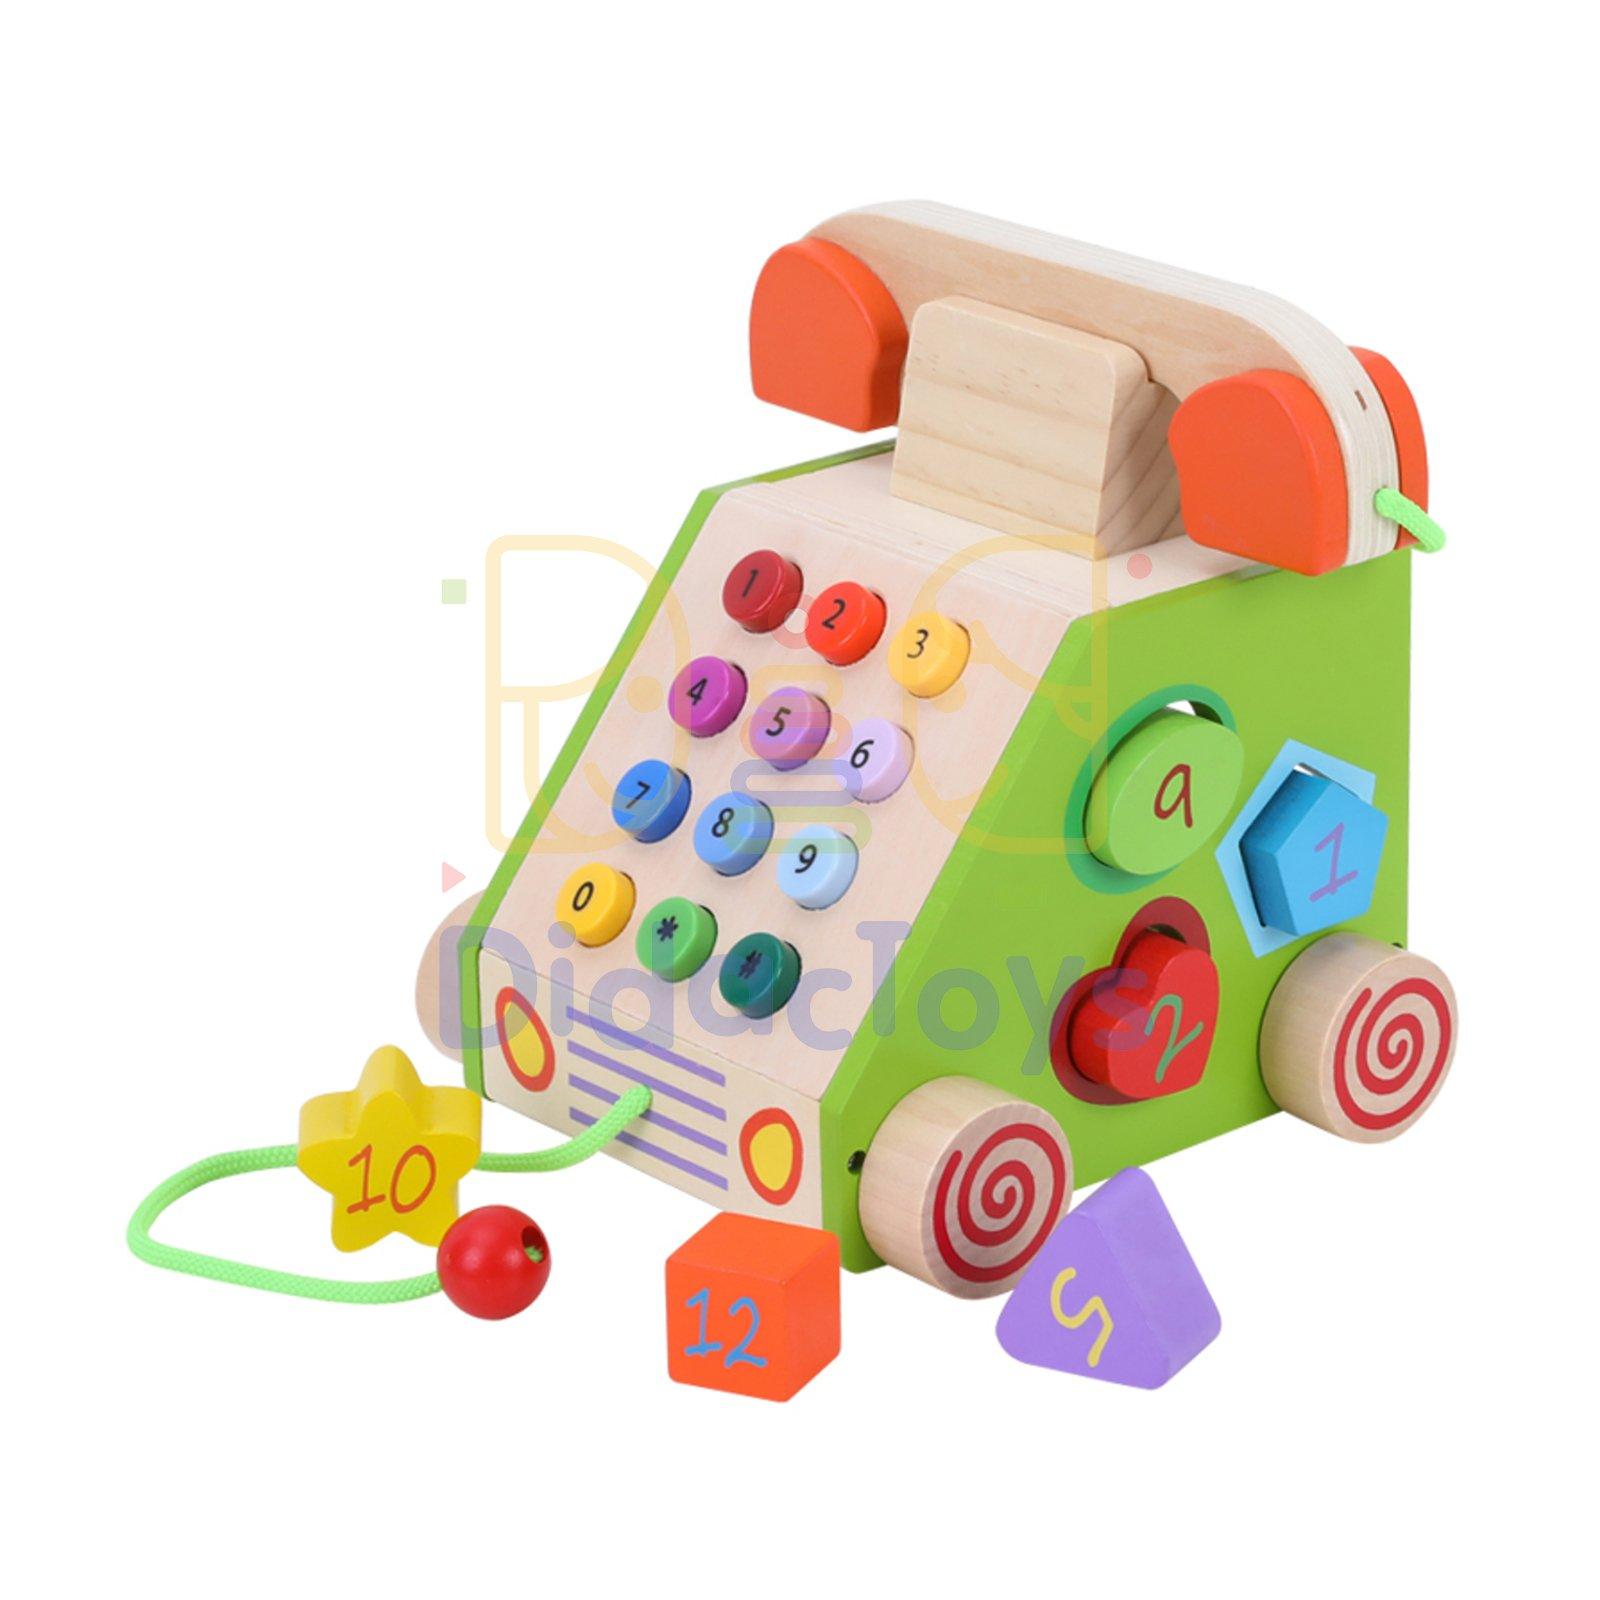 Juego de herramientas didácticas para niños